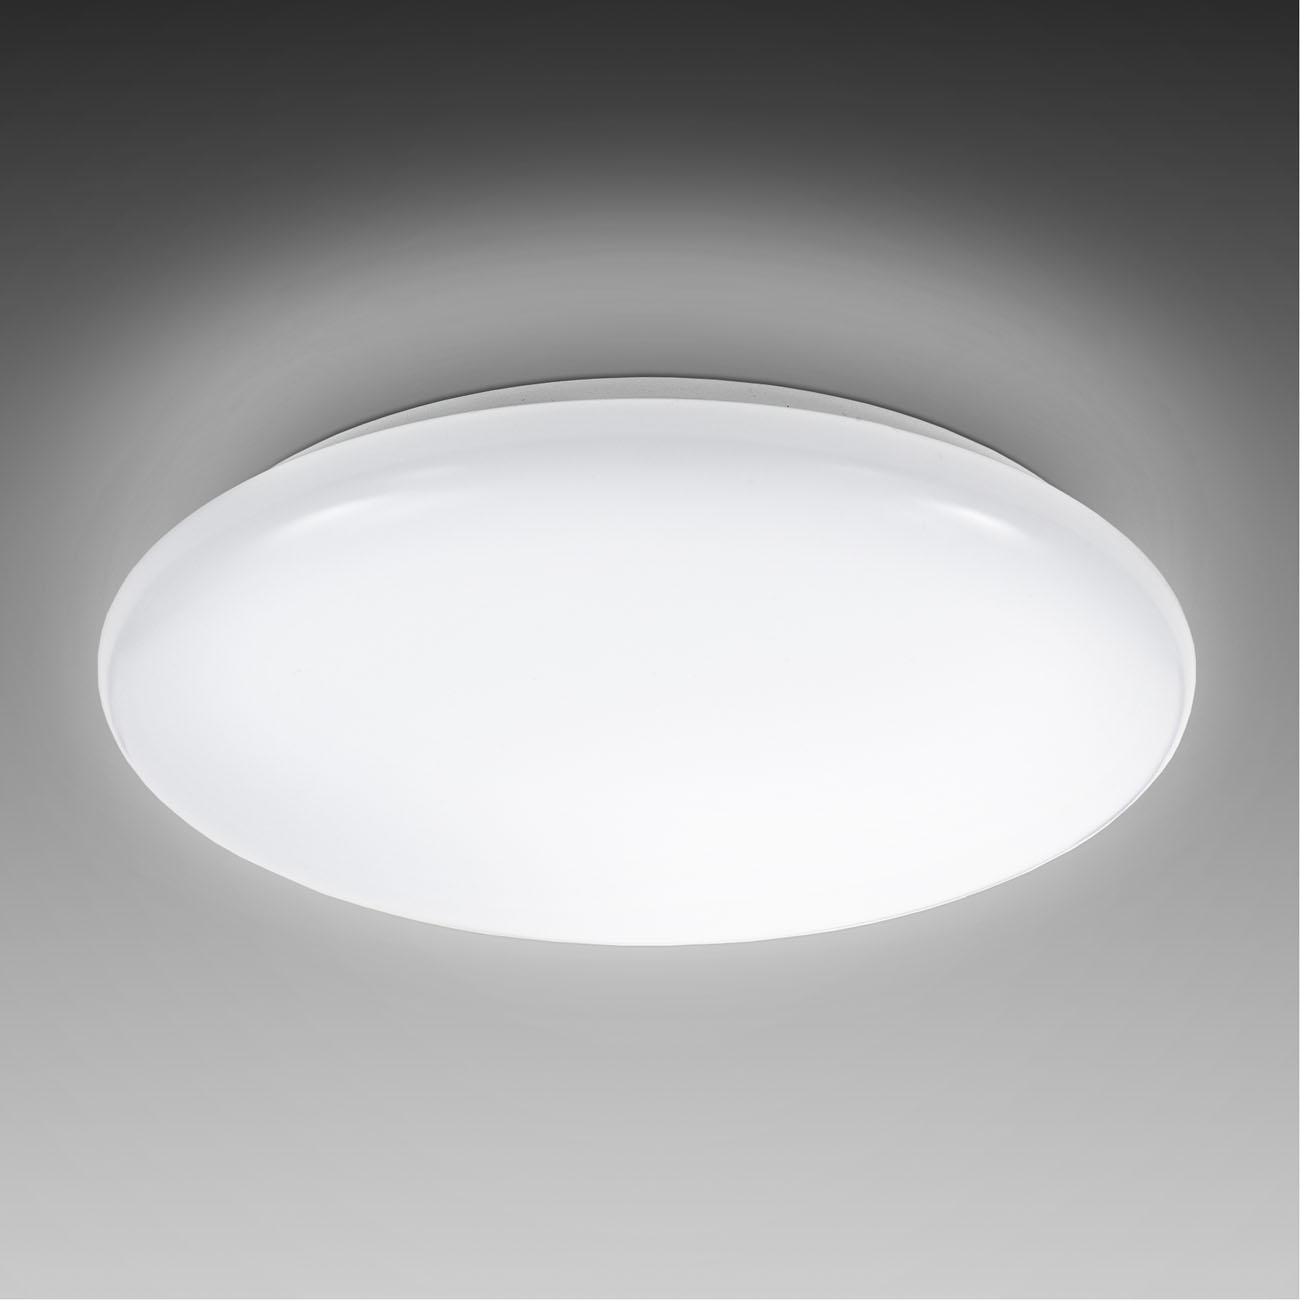 LED Deckenleuchte in weiß rund - 3